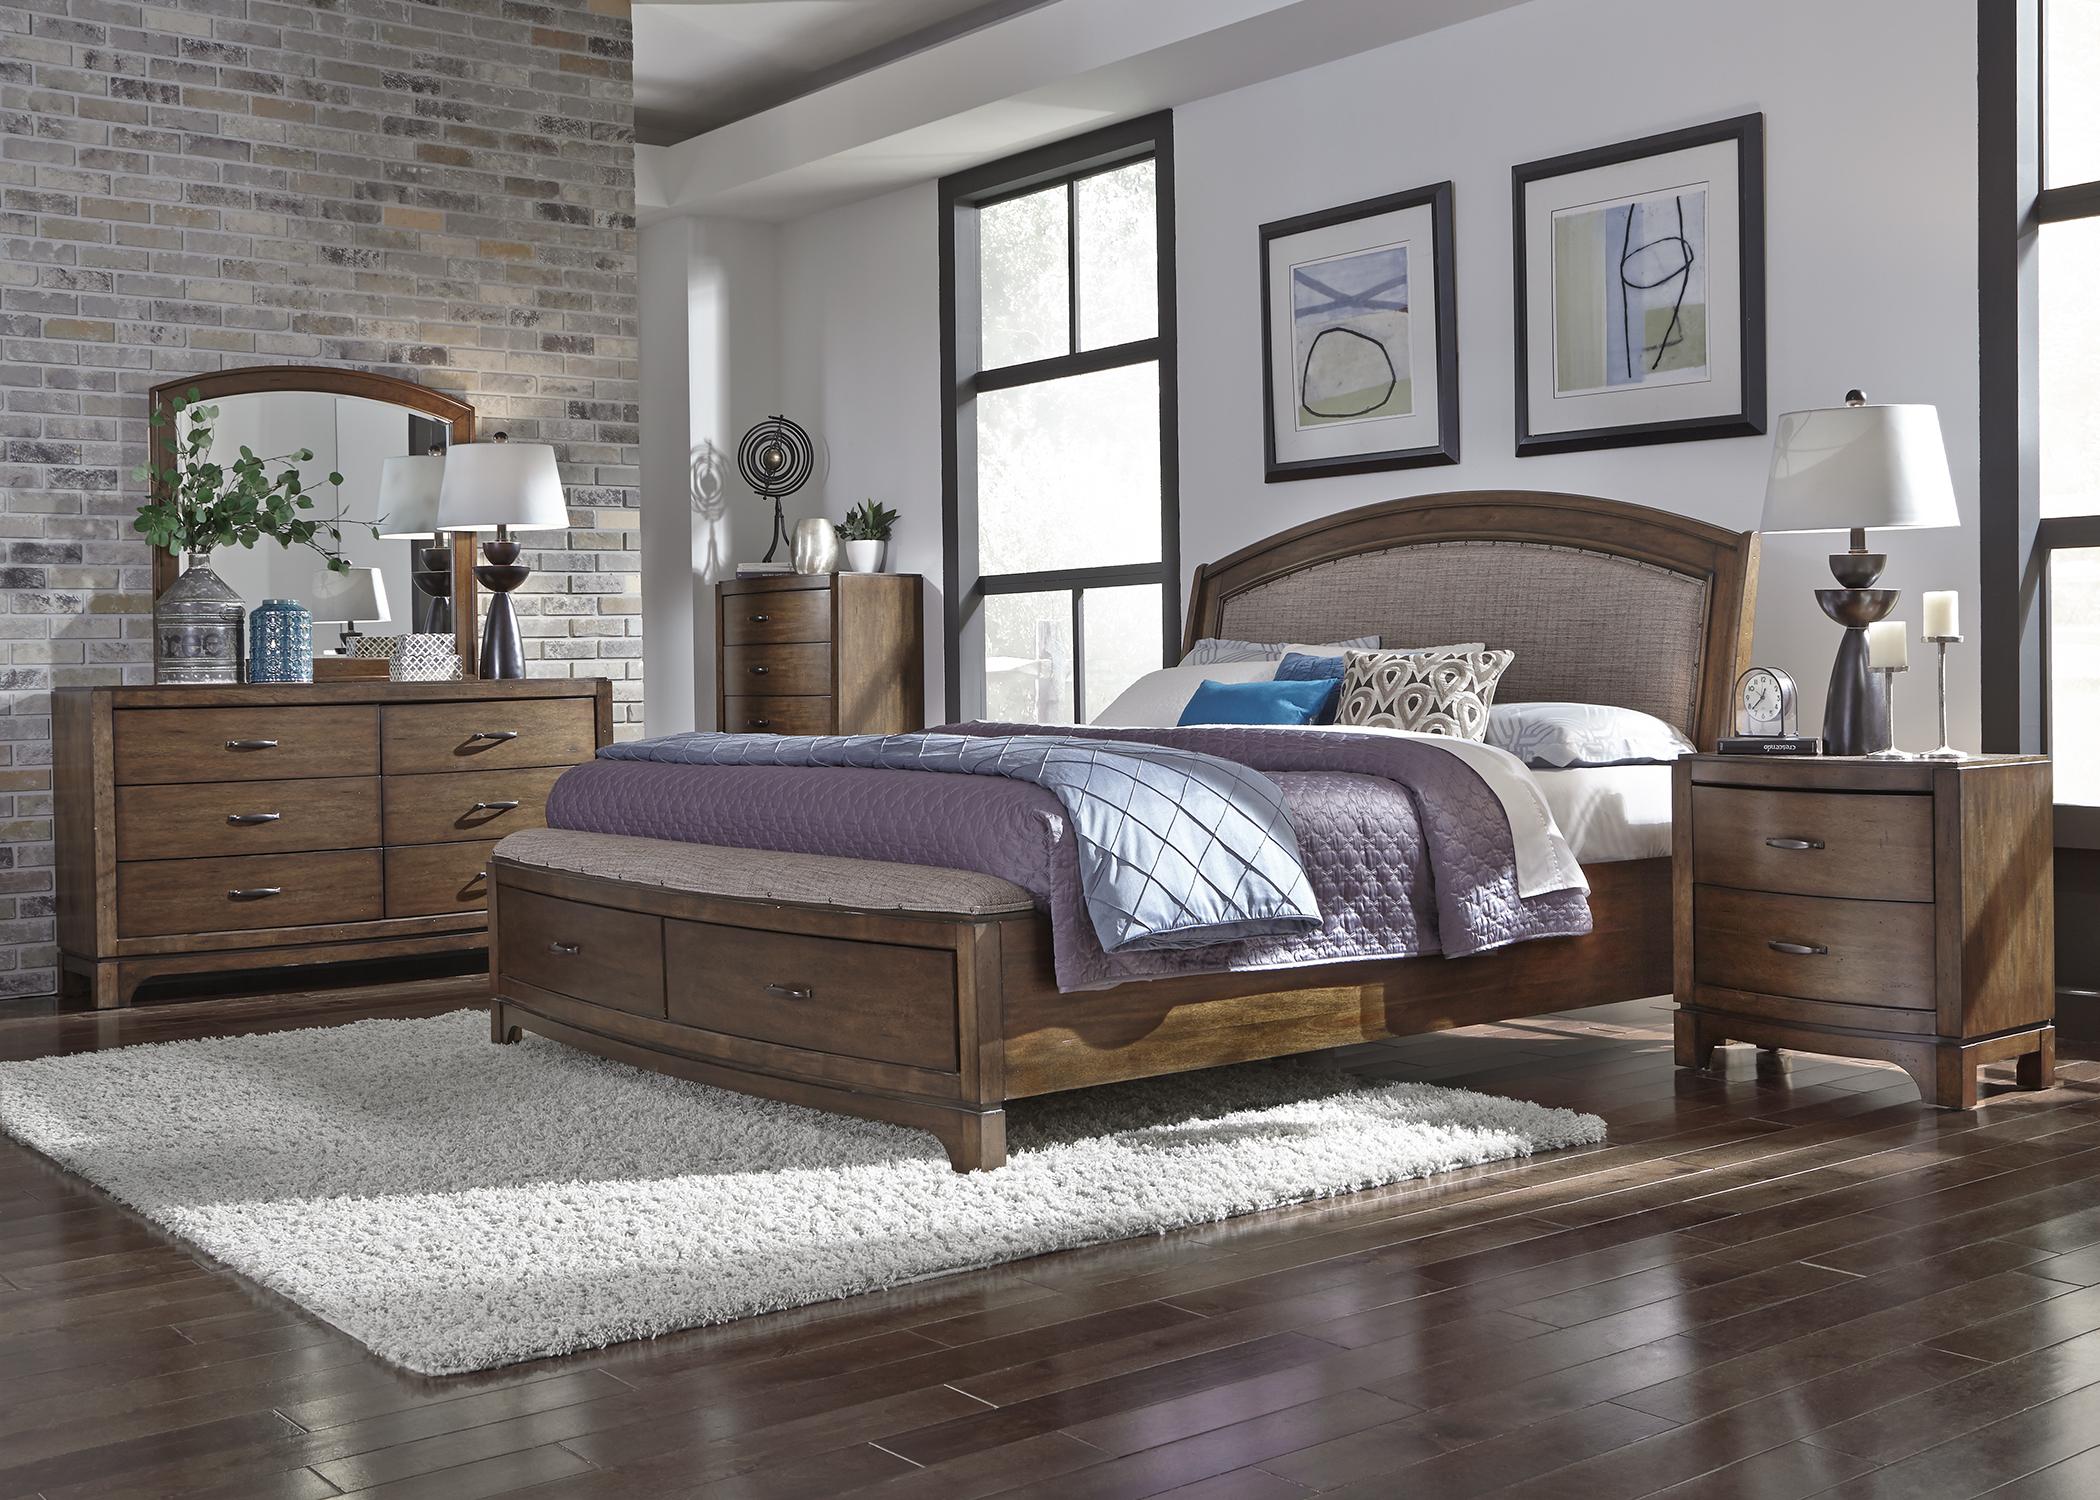 Liberty Furniture Bedroom Set Liberty Avalon Iii Bedroom 705 Bed Dresser Mirror Chest Nightstand